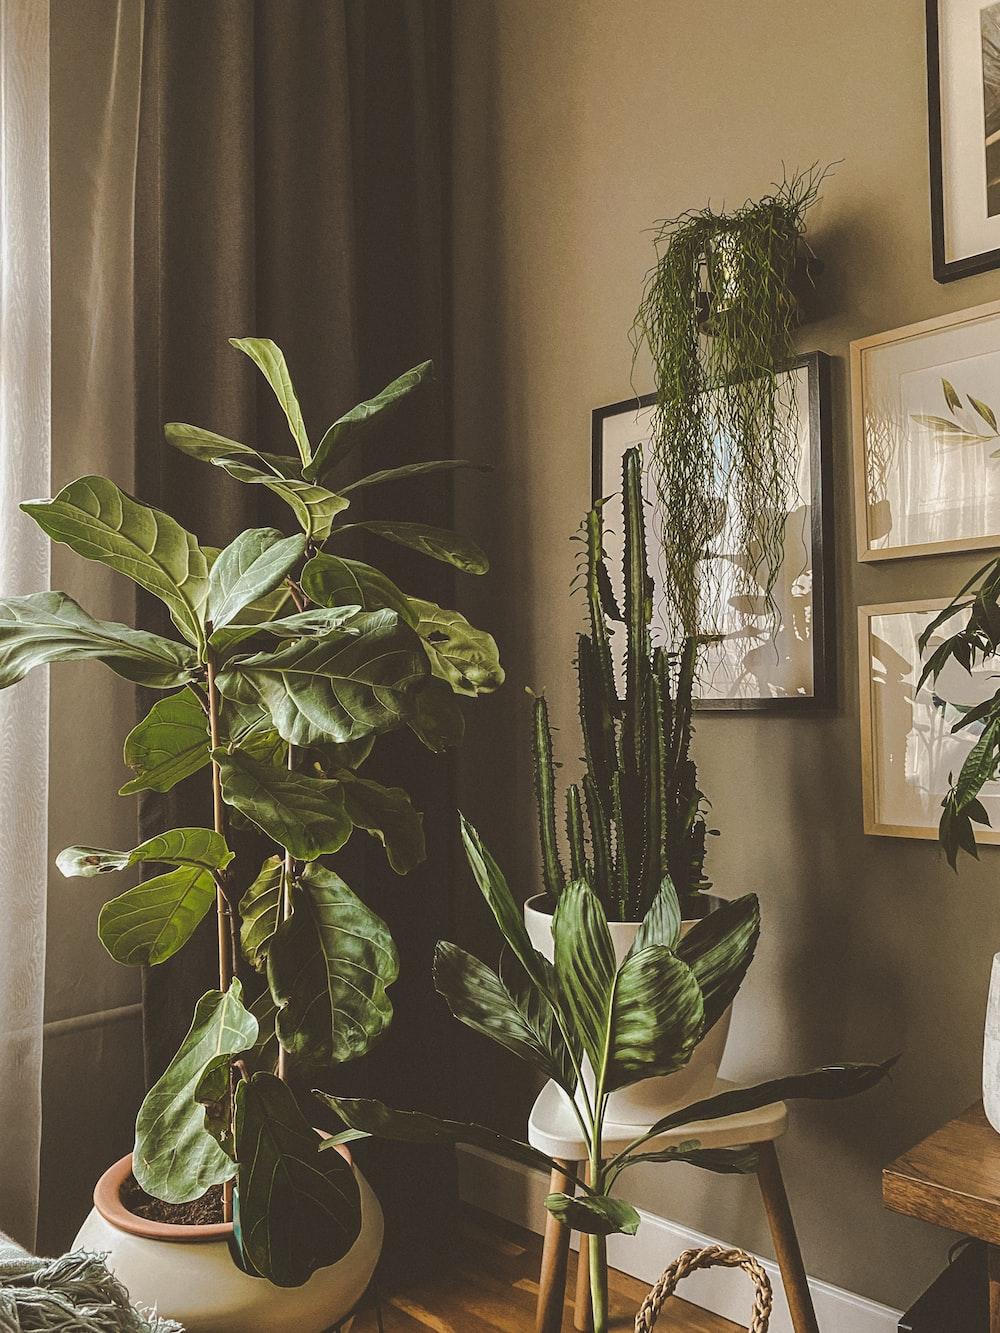 green indoor plant near black framed mirror